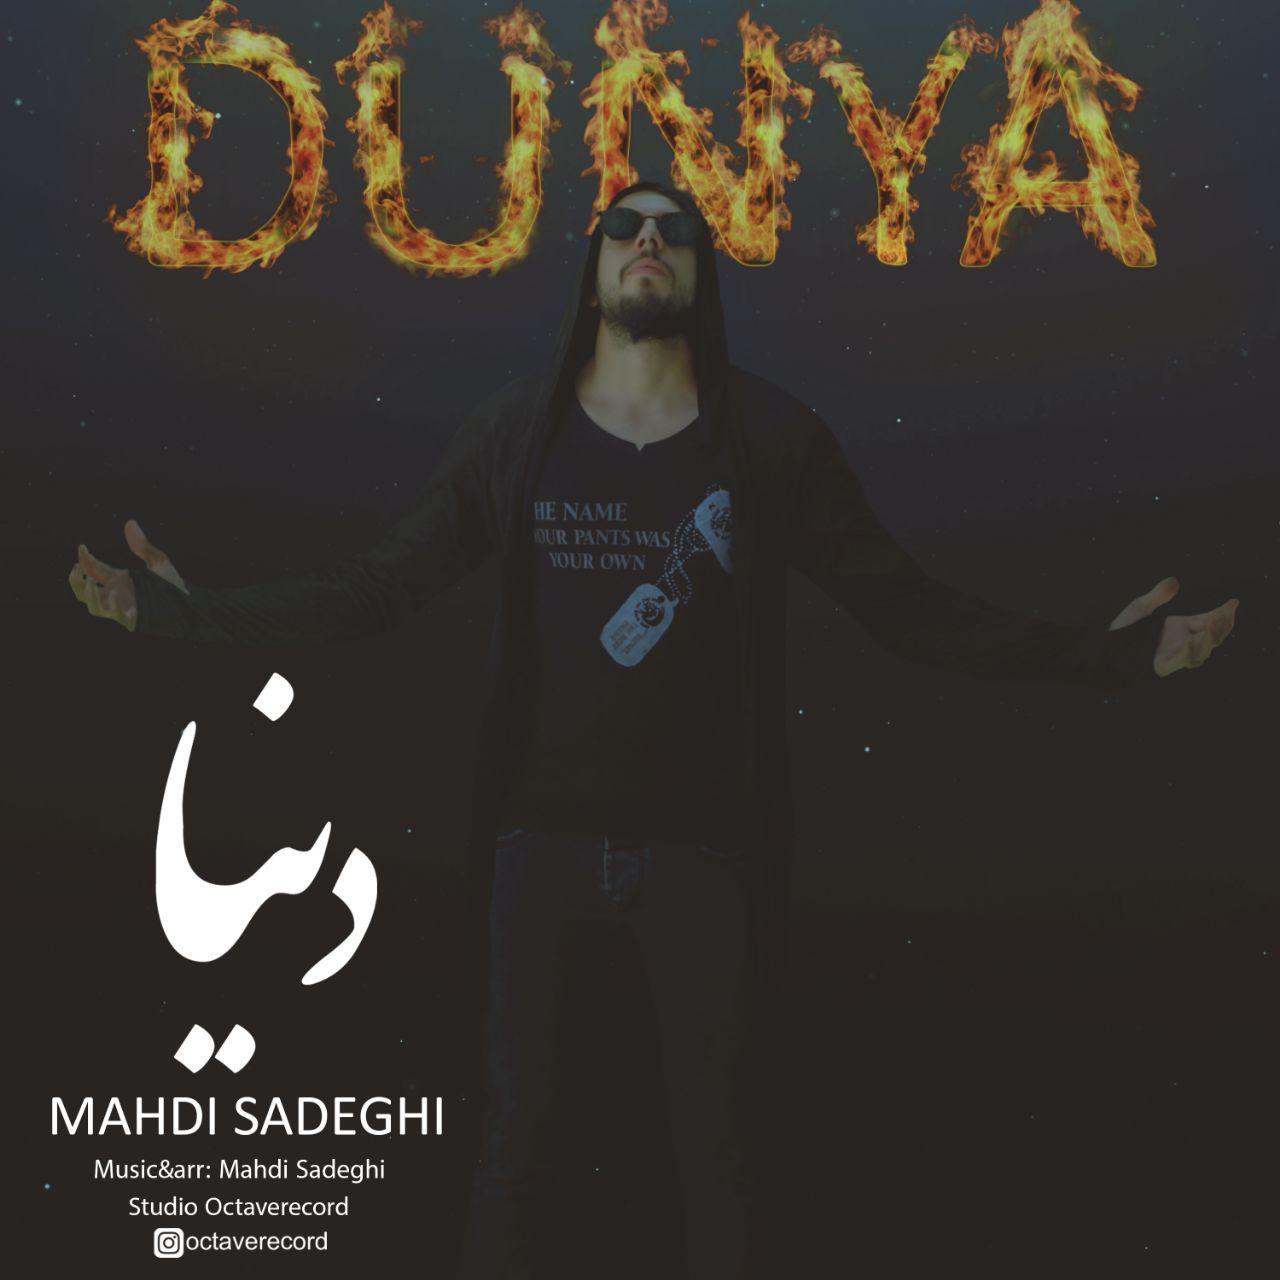 http://s8.picofile.com/file/8366227876/16Mehdi_Sadeghi_Dunya.jpg